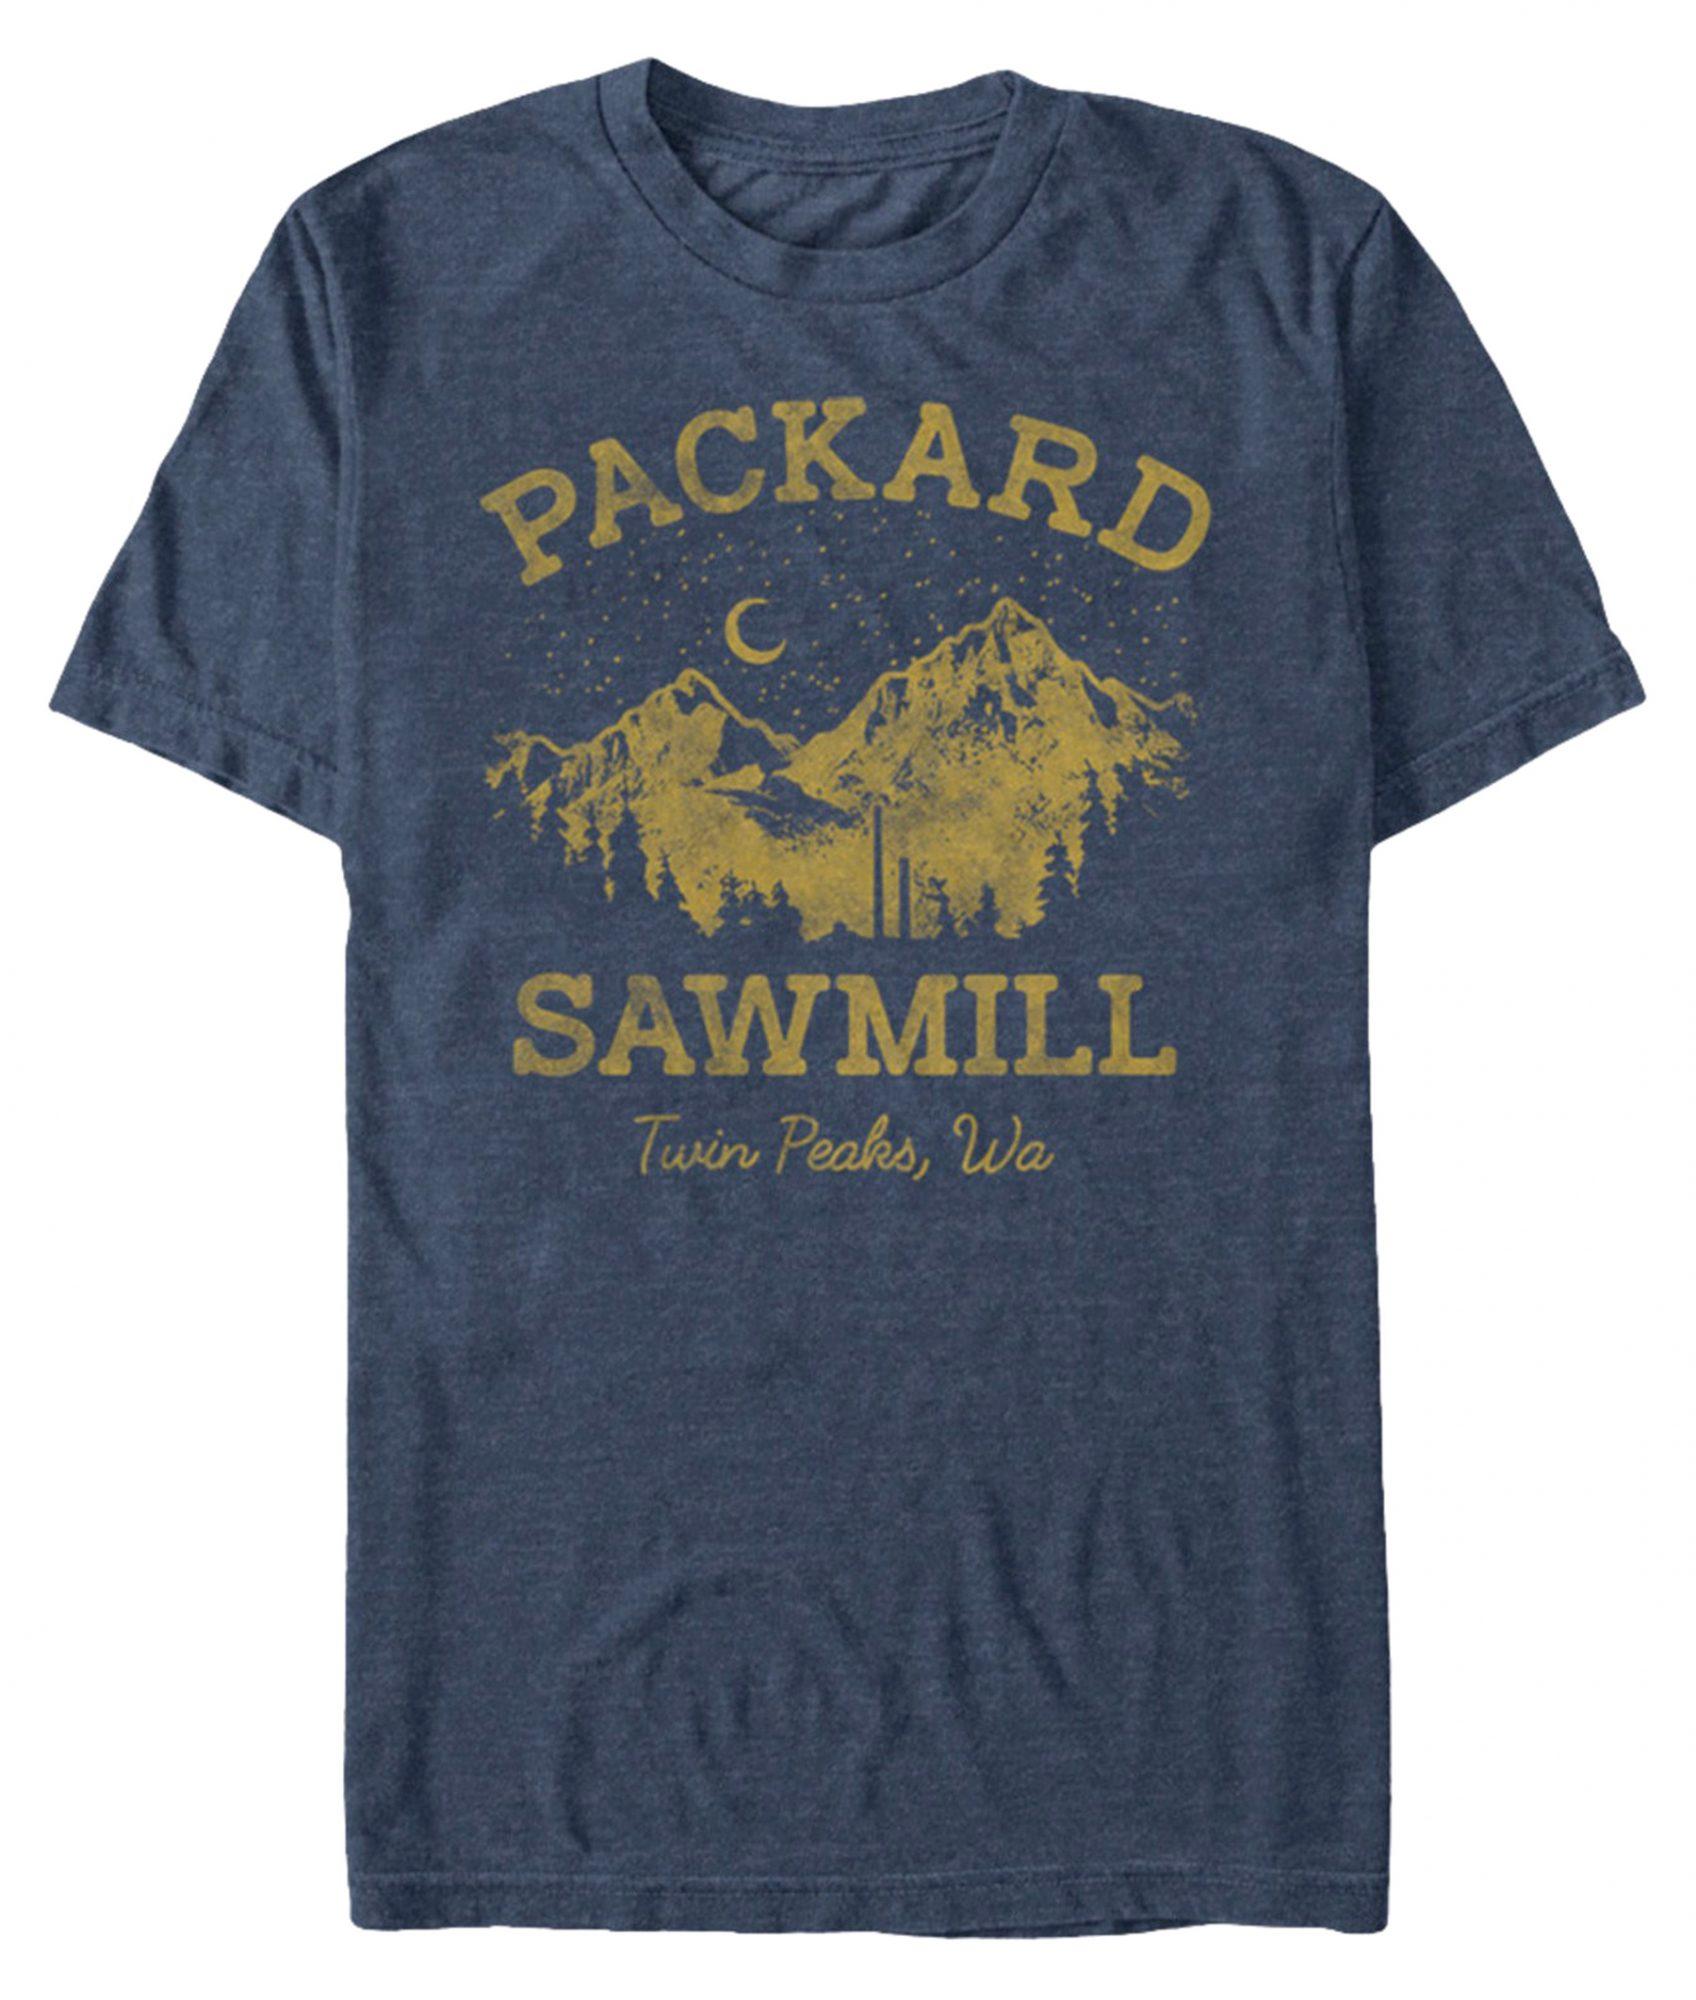 Packard-Sawmill